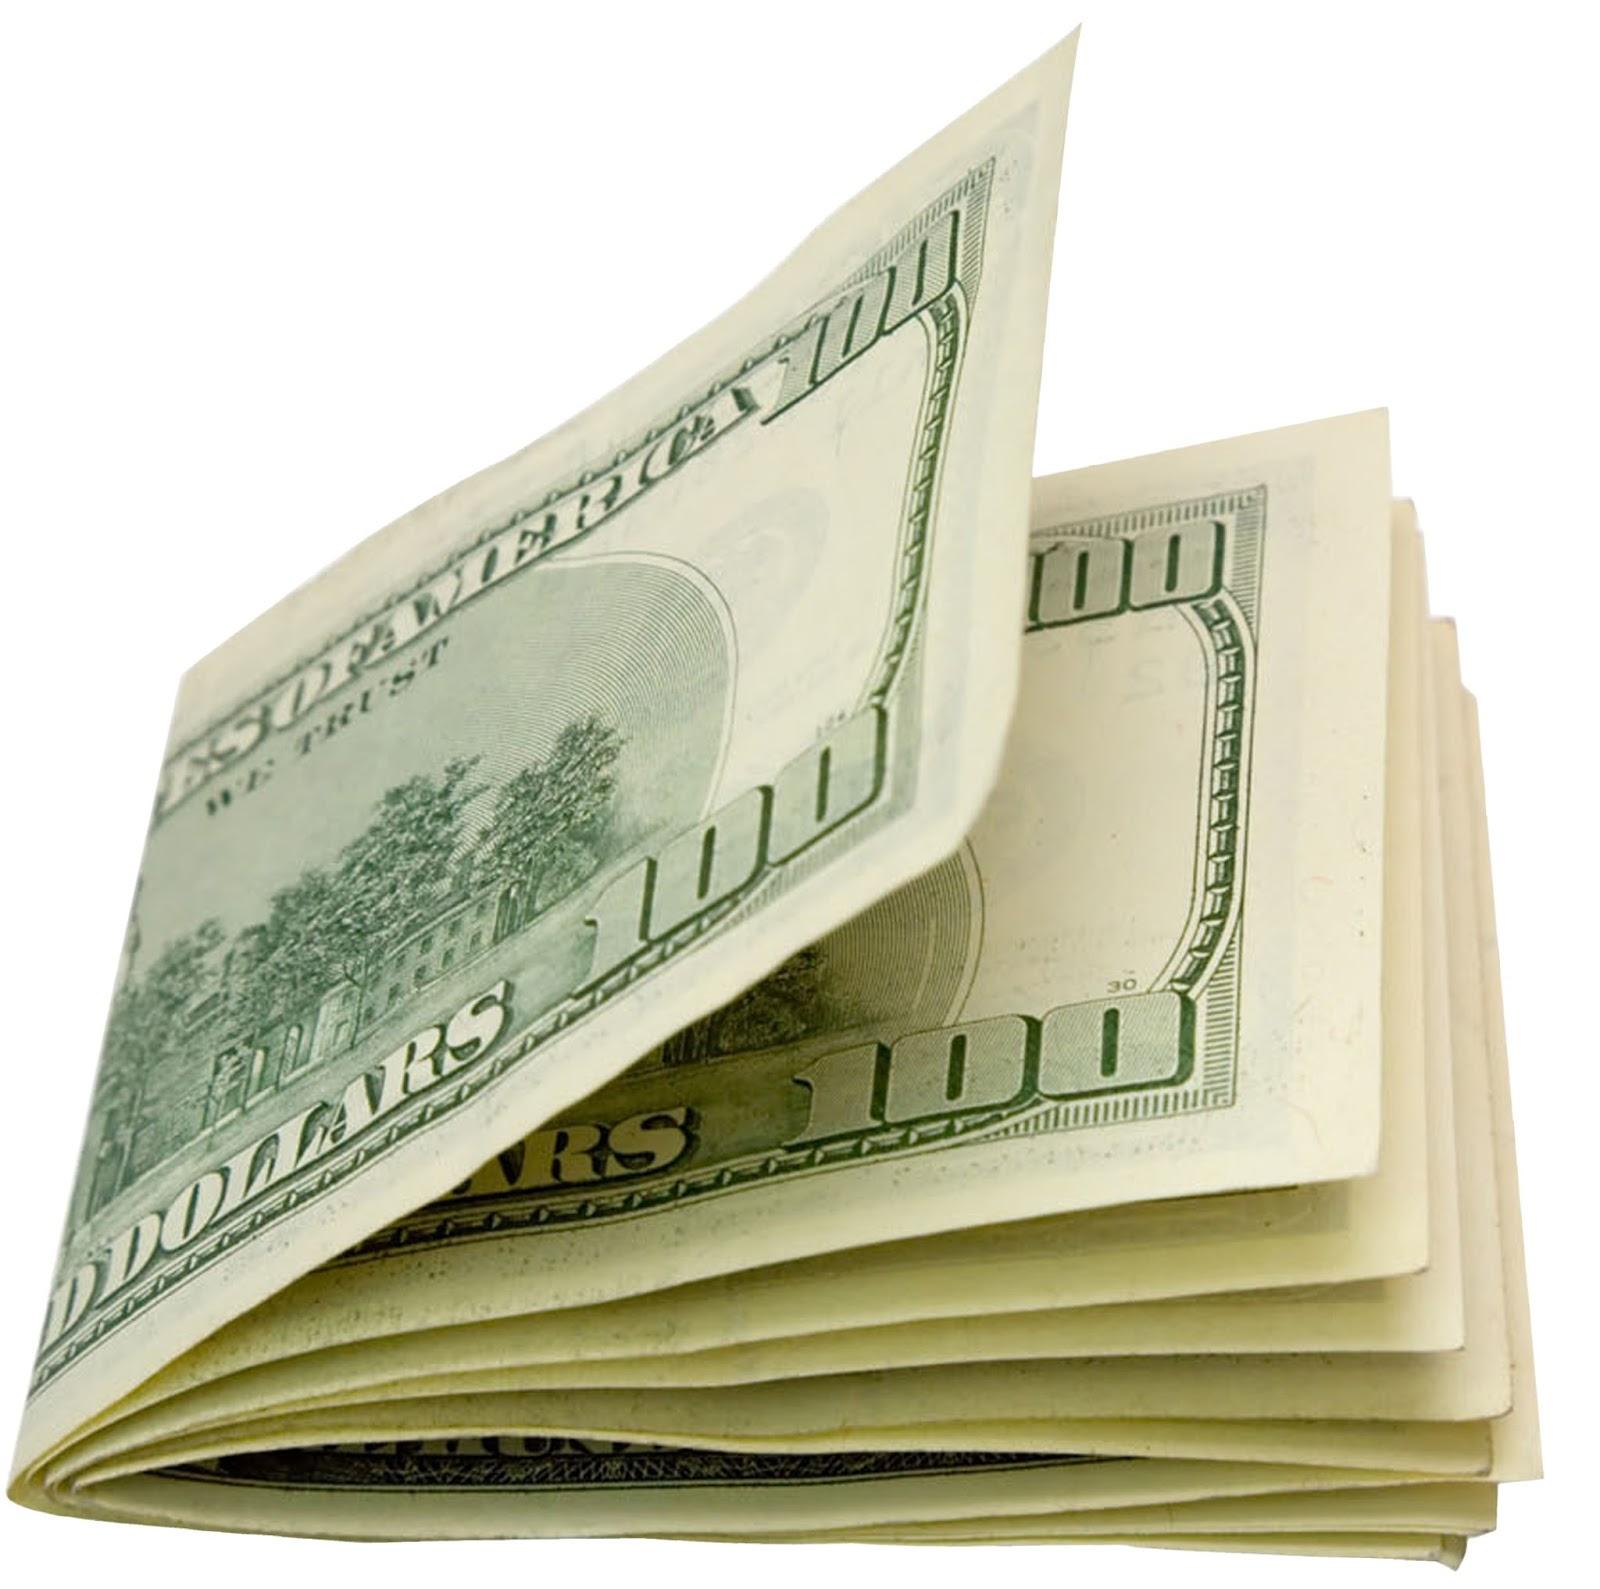 Olimp Ticaret konusunda para kazanma: sırlar, adım adım tavsiyeler ve yorumlar